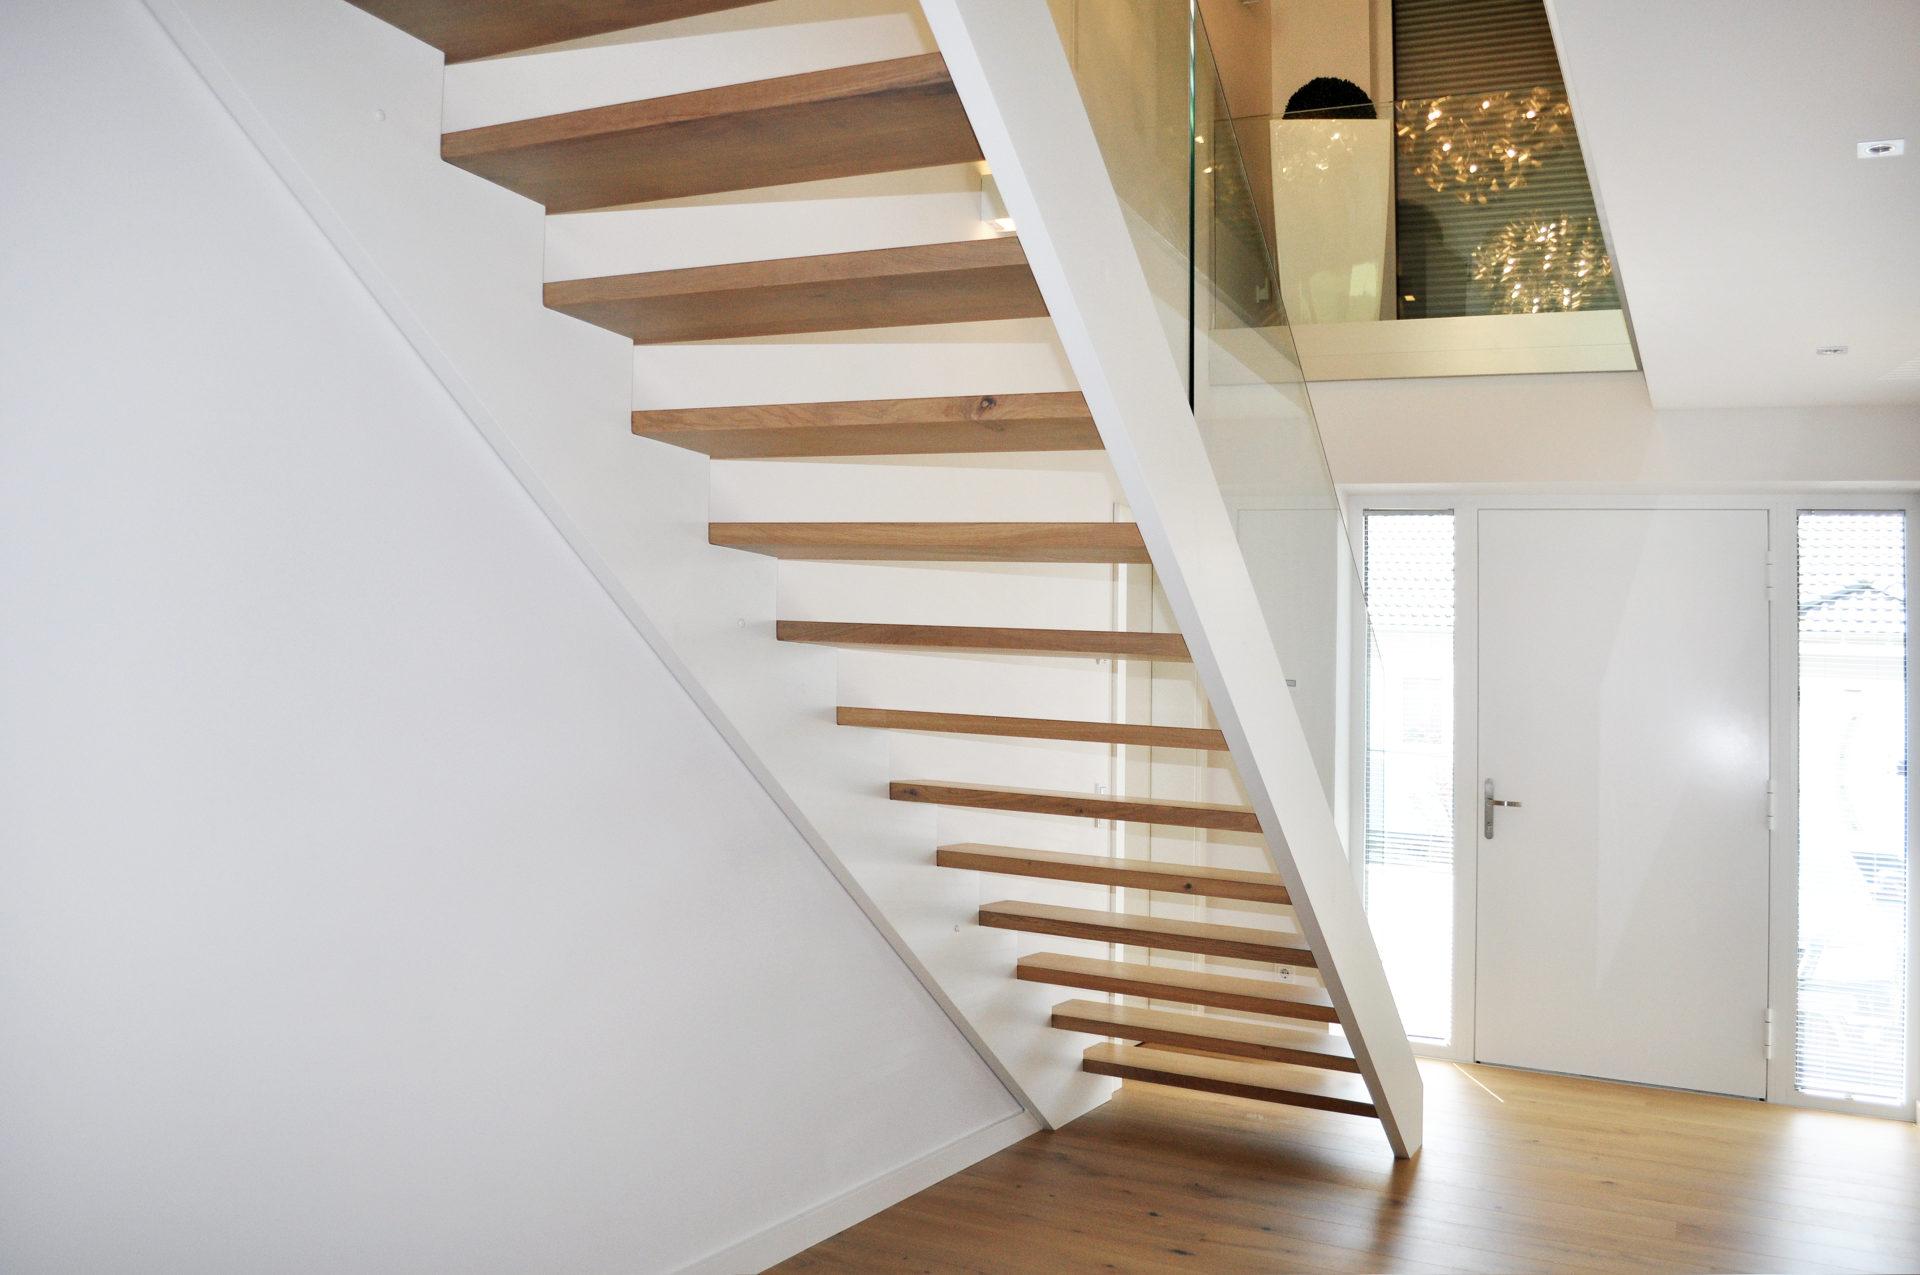 einlufig gebogen finest cheap auentreppe stahl verzinkt mit with handlauf auentreppe with. Black Bedroom Furniture Sets. Home Design Ideas